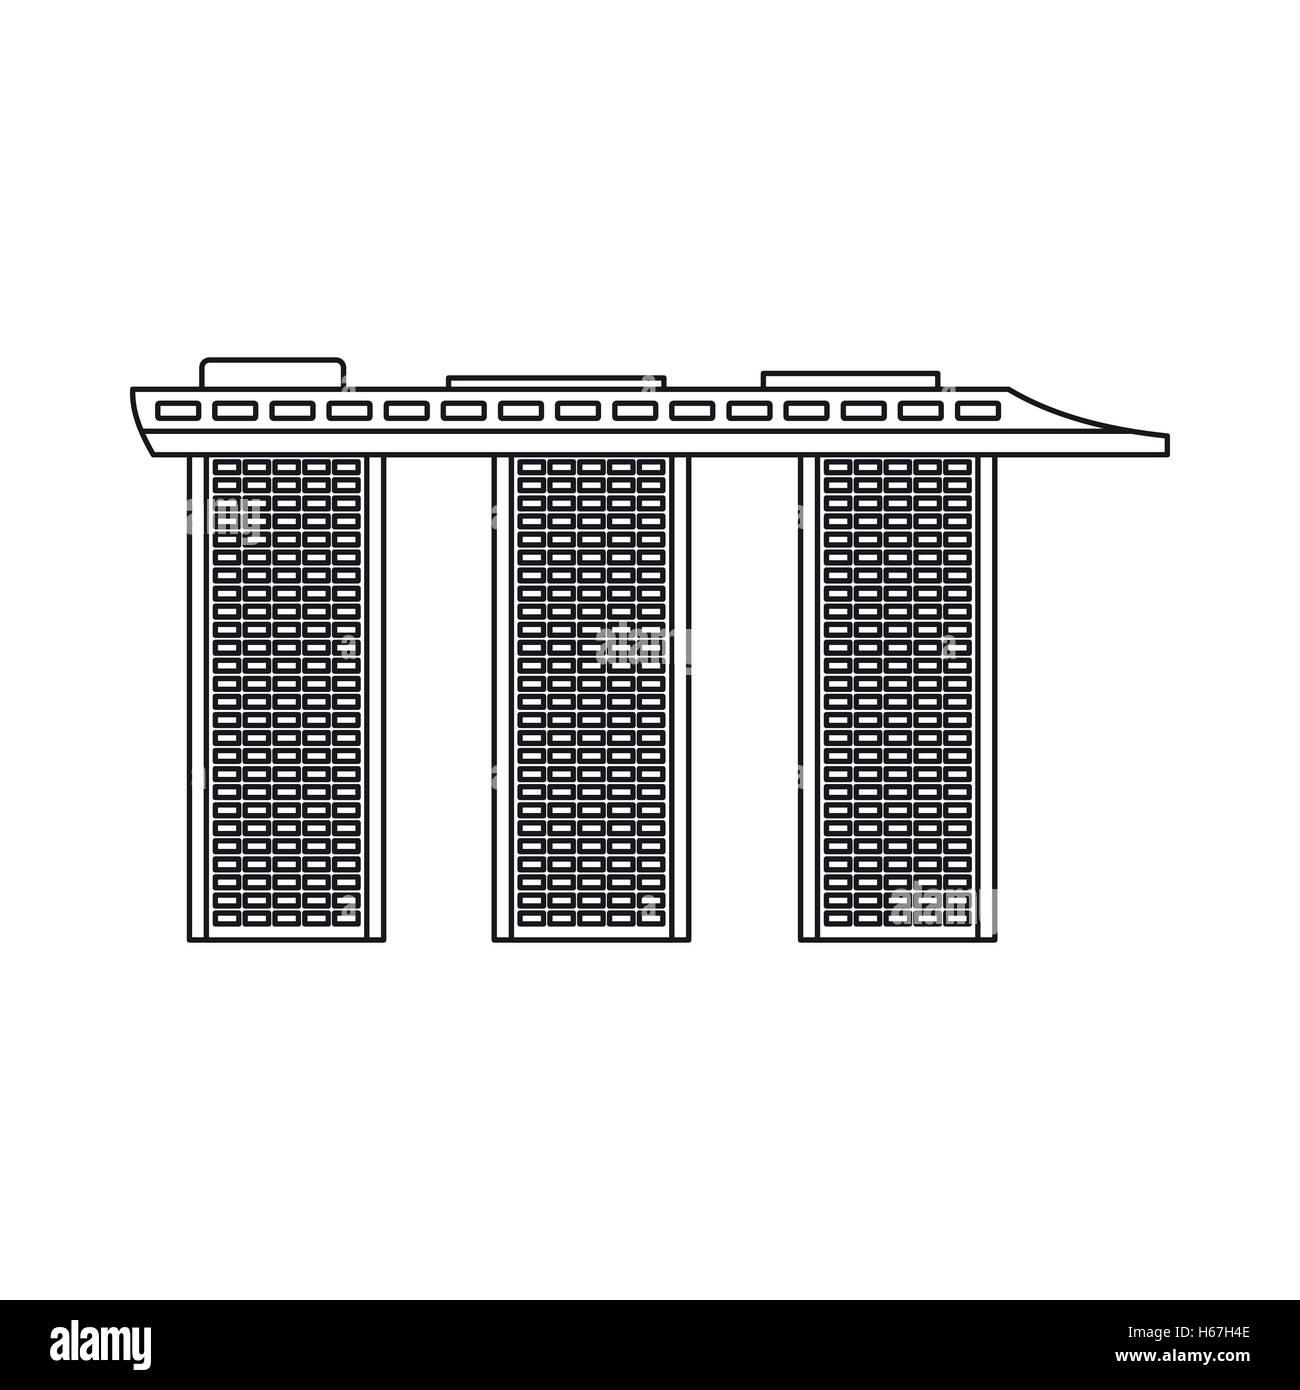 Marina Bay Sands Hotel, Singapore icon - Stock Image